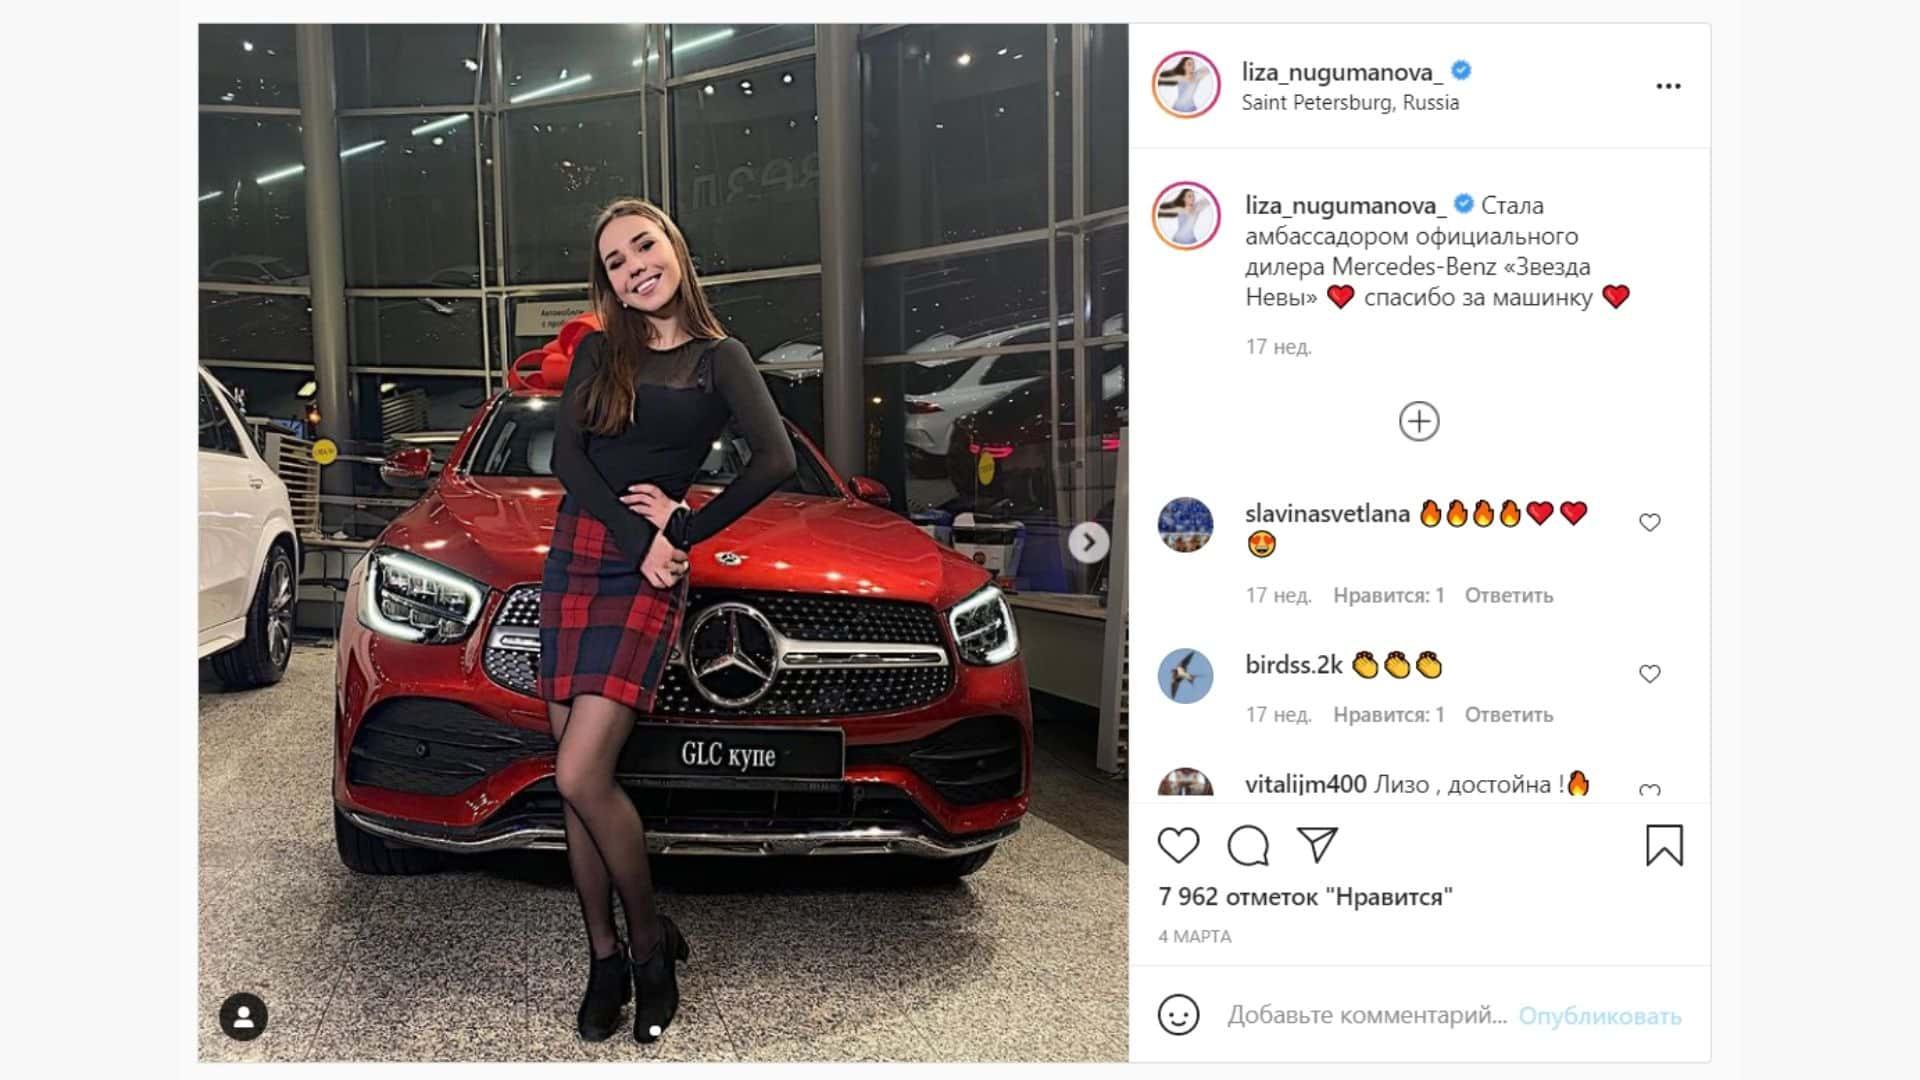 Фигуристка Елизавета Нугуманова стала амбассадором «Мерседес-Бенц» по бартеру – дилер подарил ей новый GLC Coupe Sport